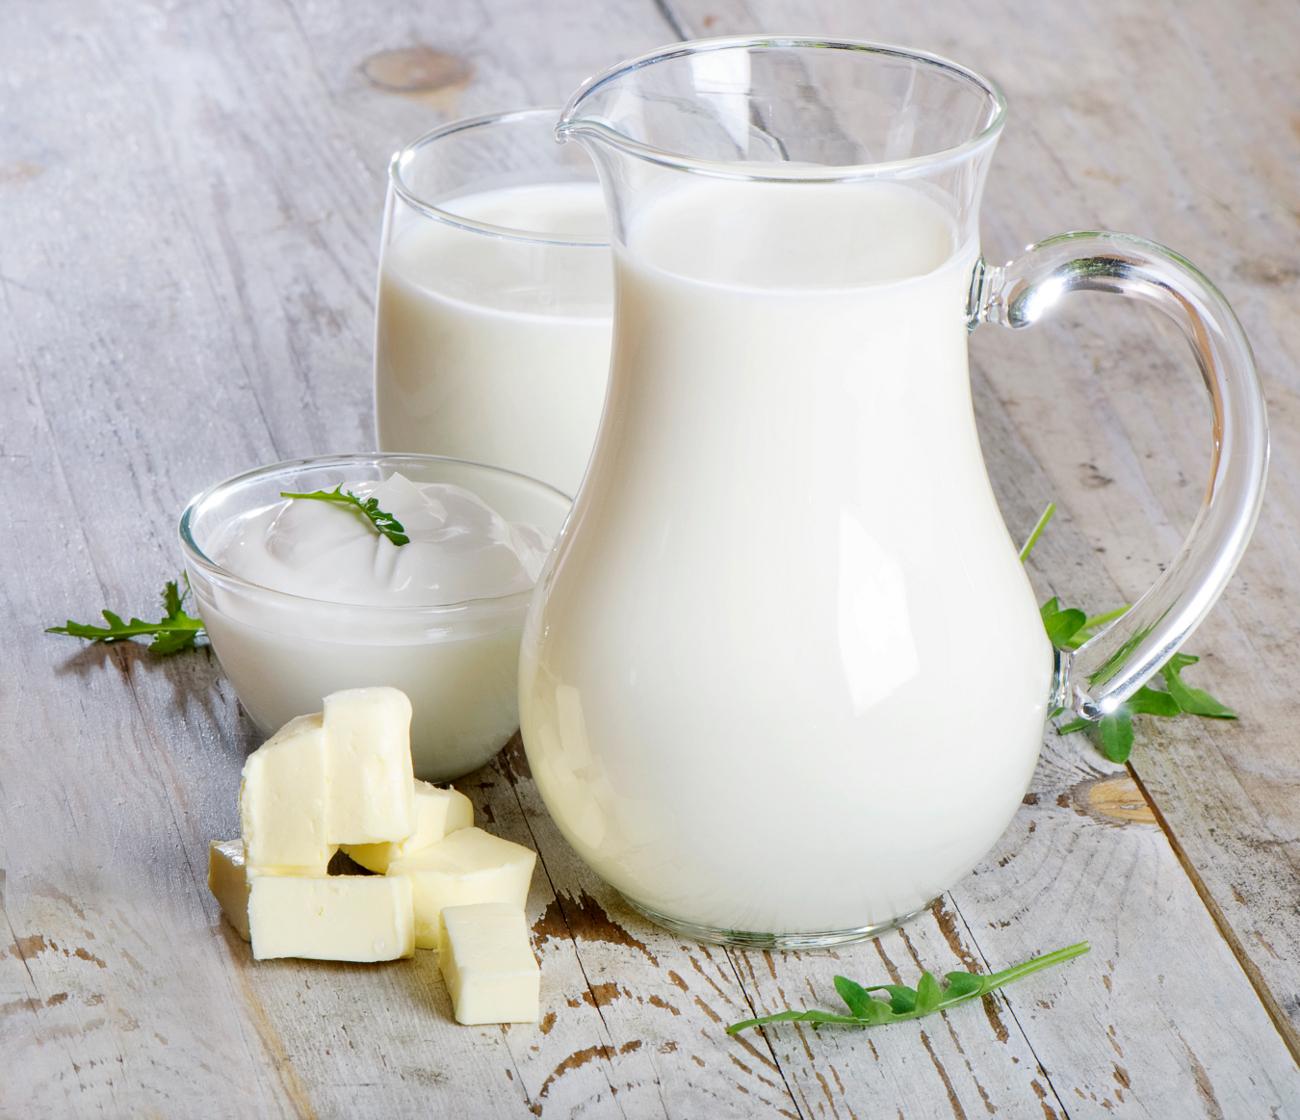 6 thực phẩm có nguy cơ khiến trẻ bị dị ứng ngay sau khi ăn, cha mẹ cần đặc biệt chú ý - Ảnh 1